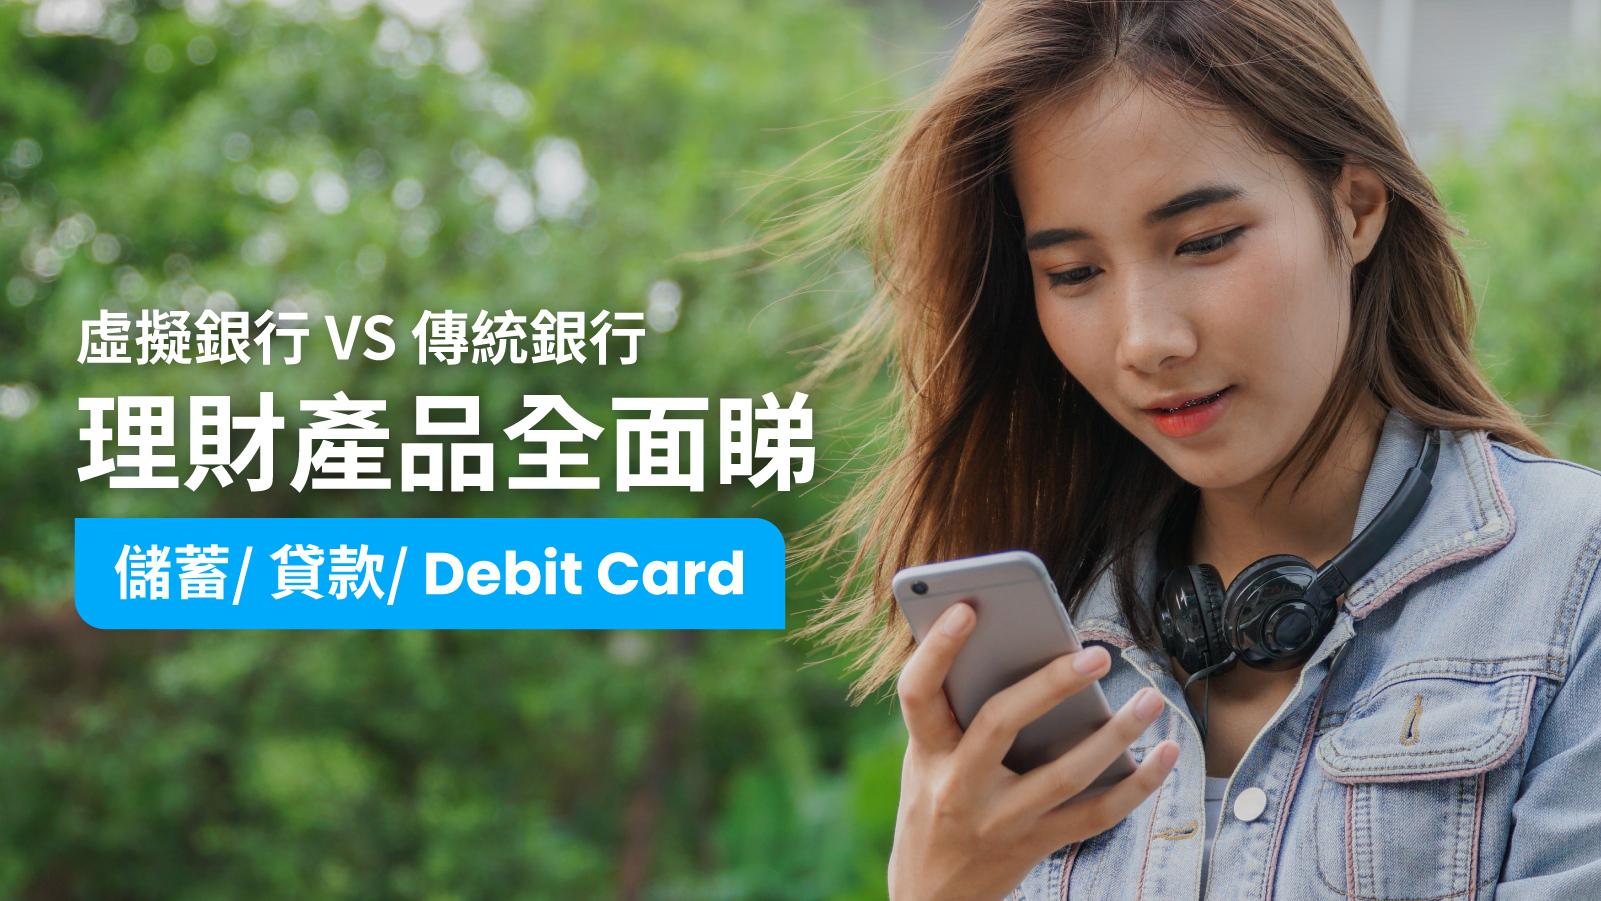 【虛擬銀行V.S.傳統金融機構】儲蓄 / 貸款 / Debit Card全面睇